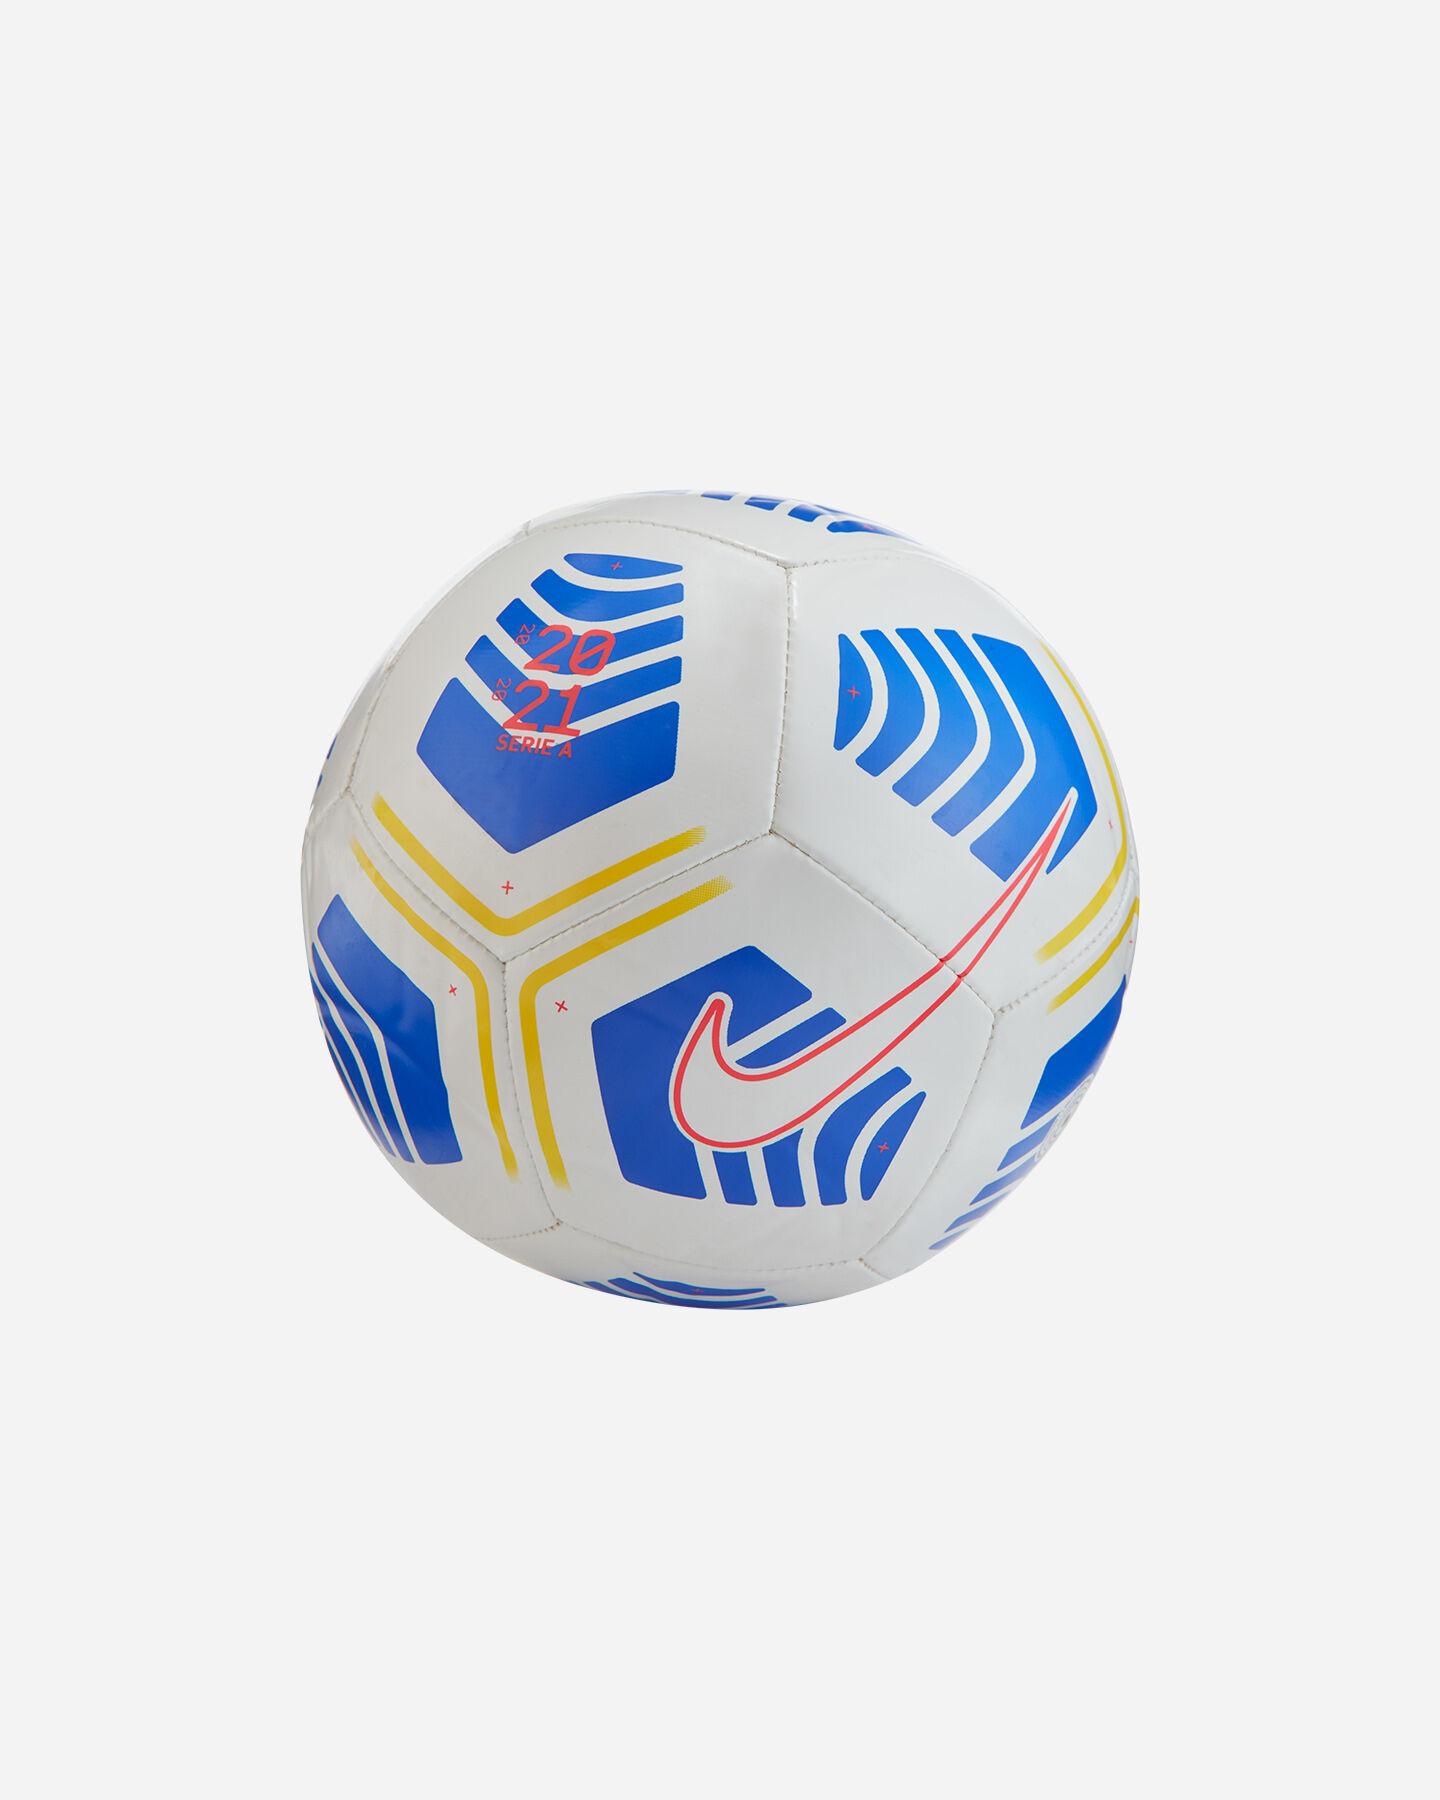 Pallone calcio NIKE SERIE A SKILLS S5223050 100 1 scatto 1